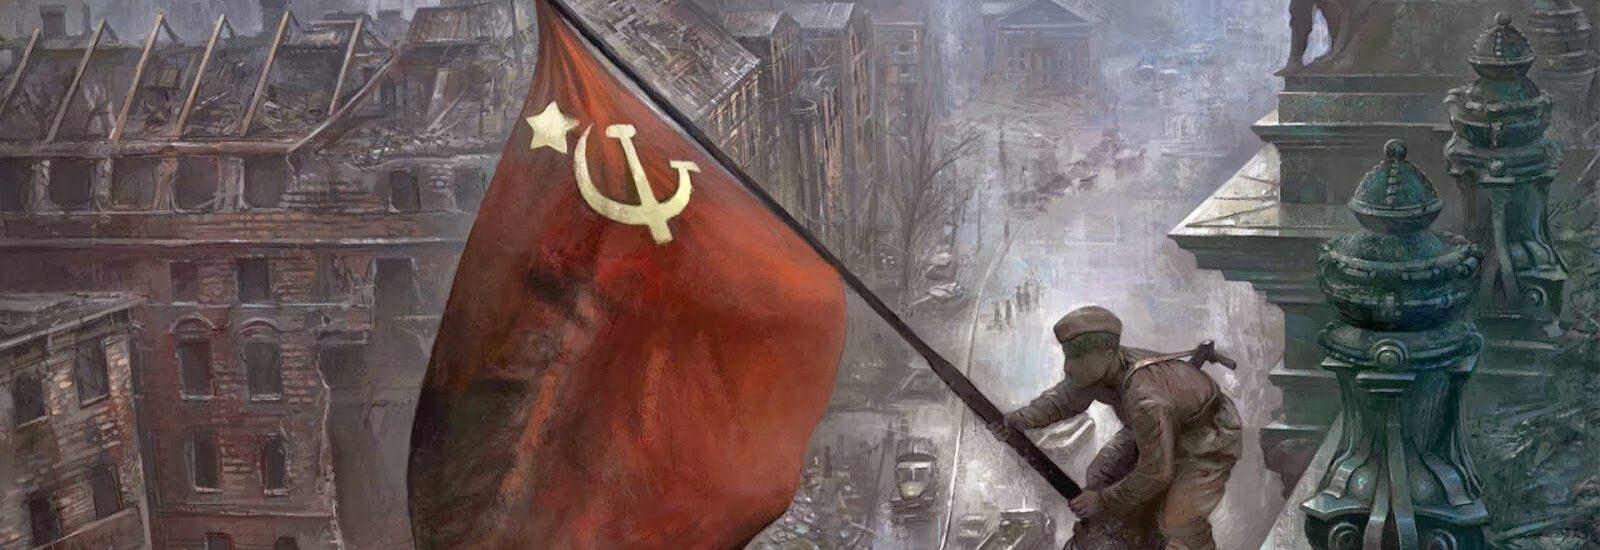 Πριν 75 χρόνια: H Kόκκινη Σημαία Πάνω από το Pάιχσταγκ